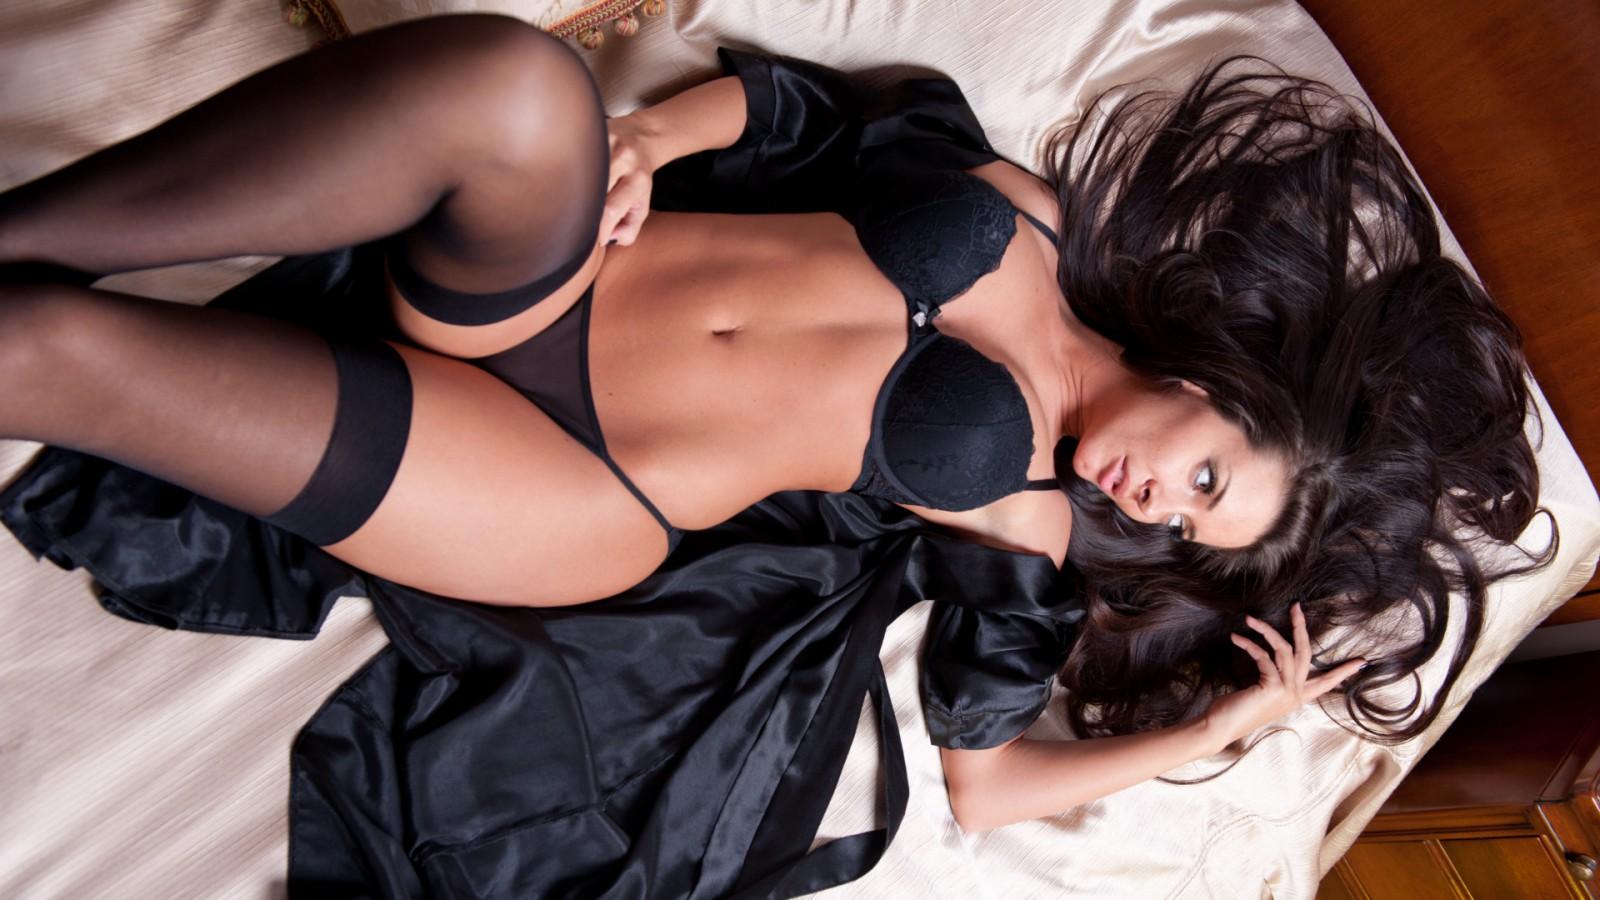 Bella Bellz показывает большую татуированную задницу